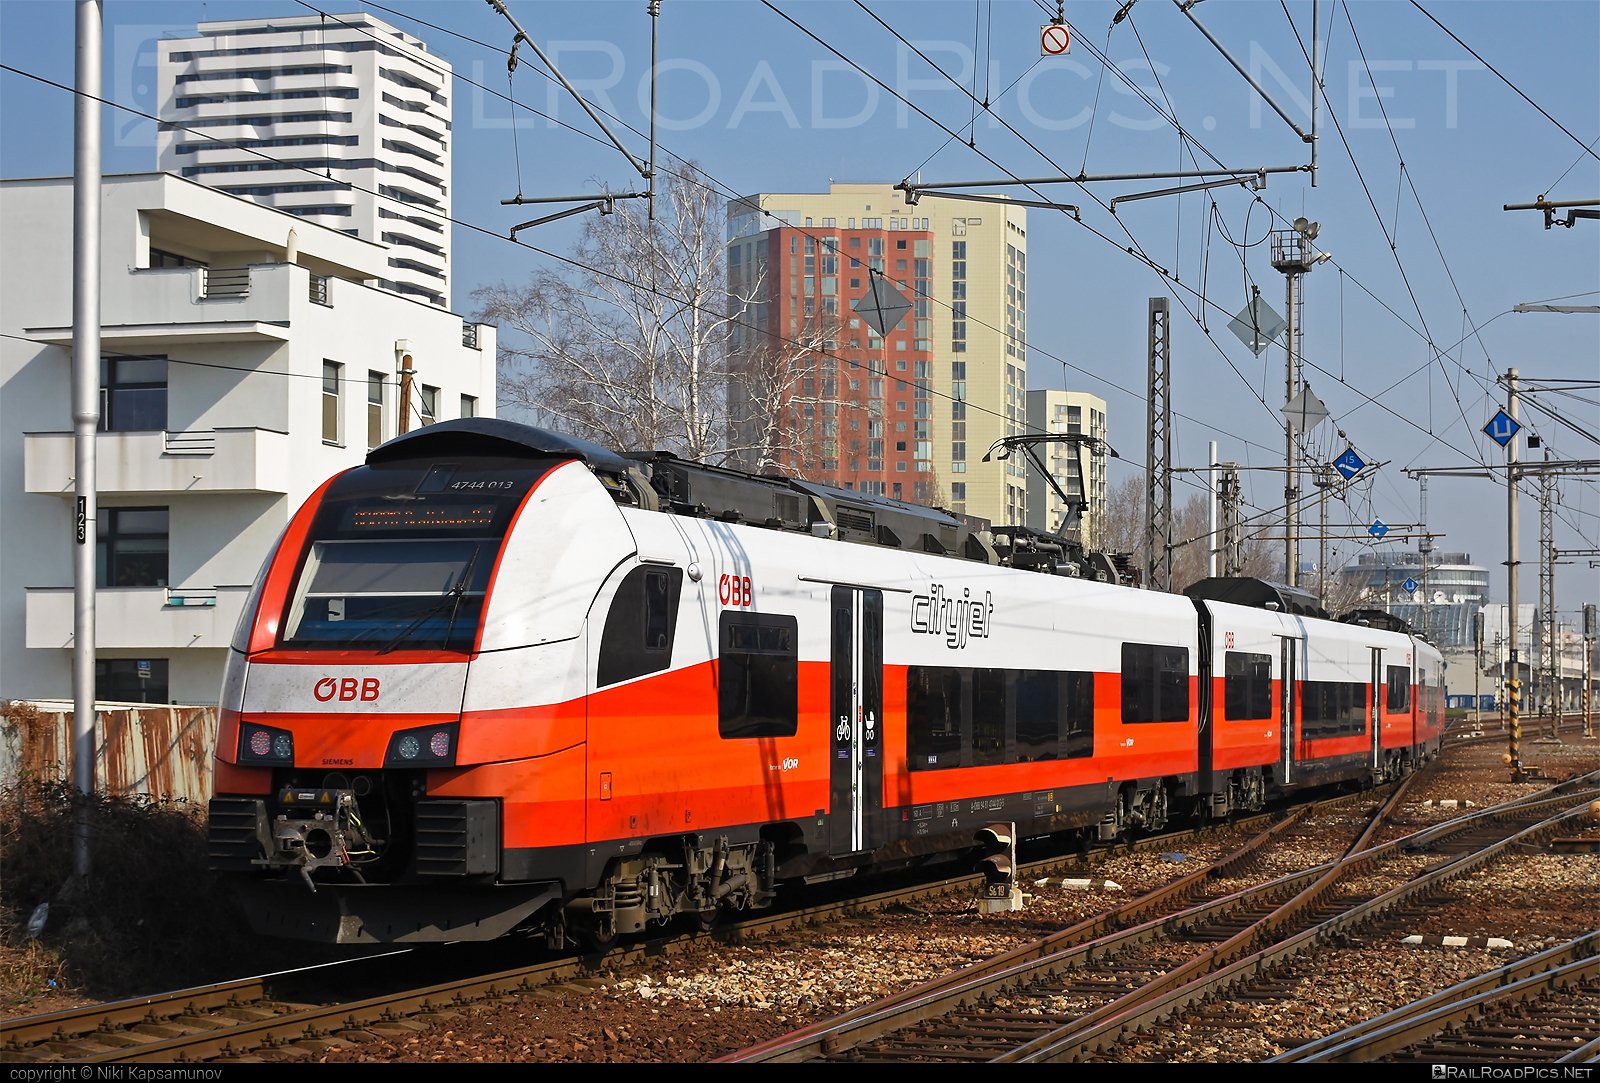 Siemens Desiro ML - 4744 013 operated by Österreichische Bundesbahnen #cityjet #desiro #desiroml #obb #obbcityjet #osterreichischebundesbahnen #siemens #siemensdesiro #siemensdesiroml